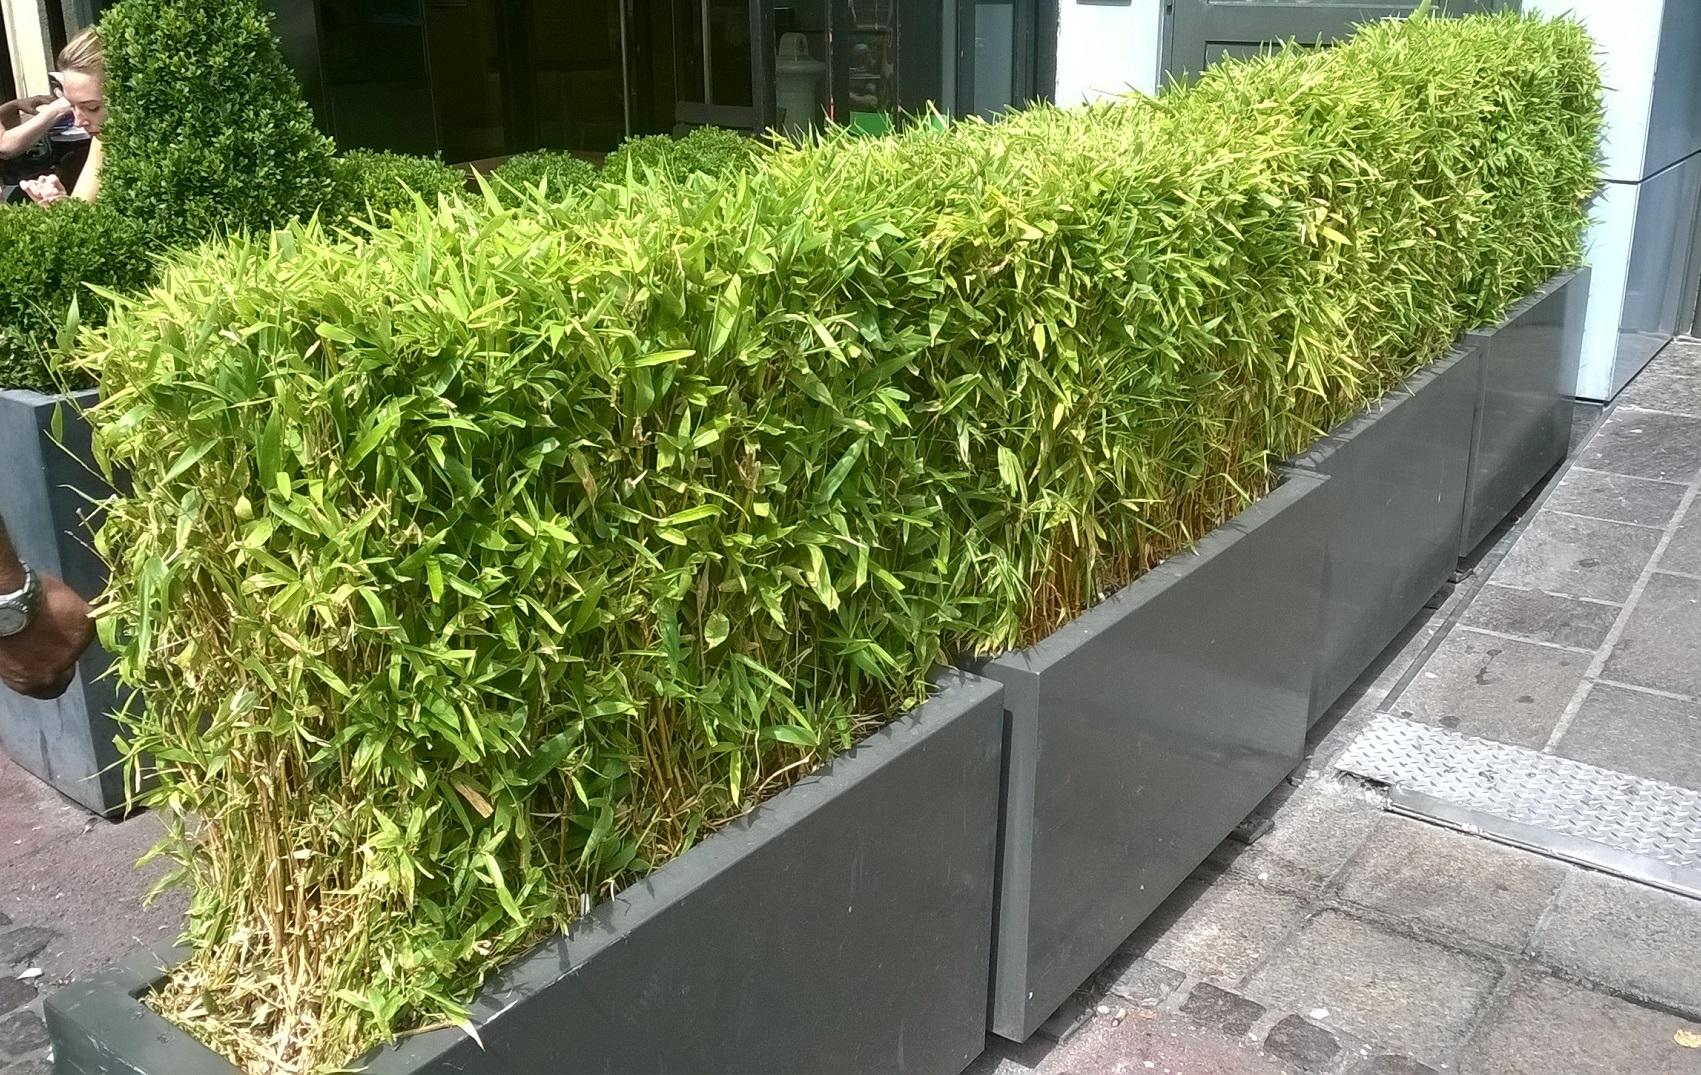 bac a fleur pour bambou | jardiniere en bois jardiniare alacgant